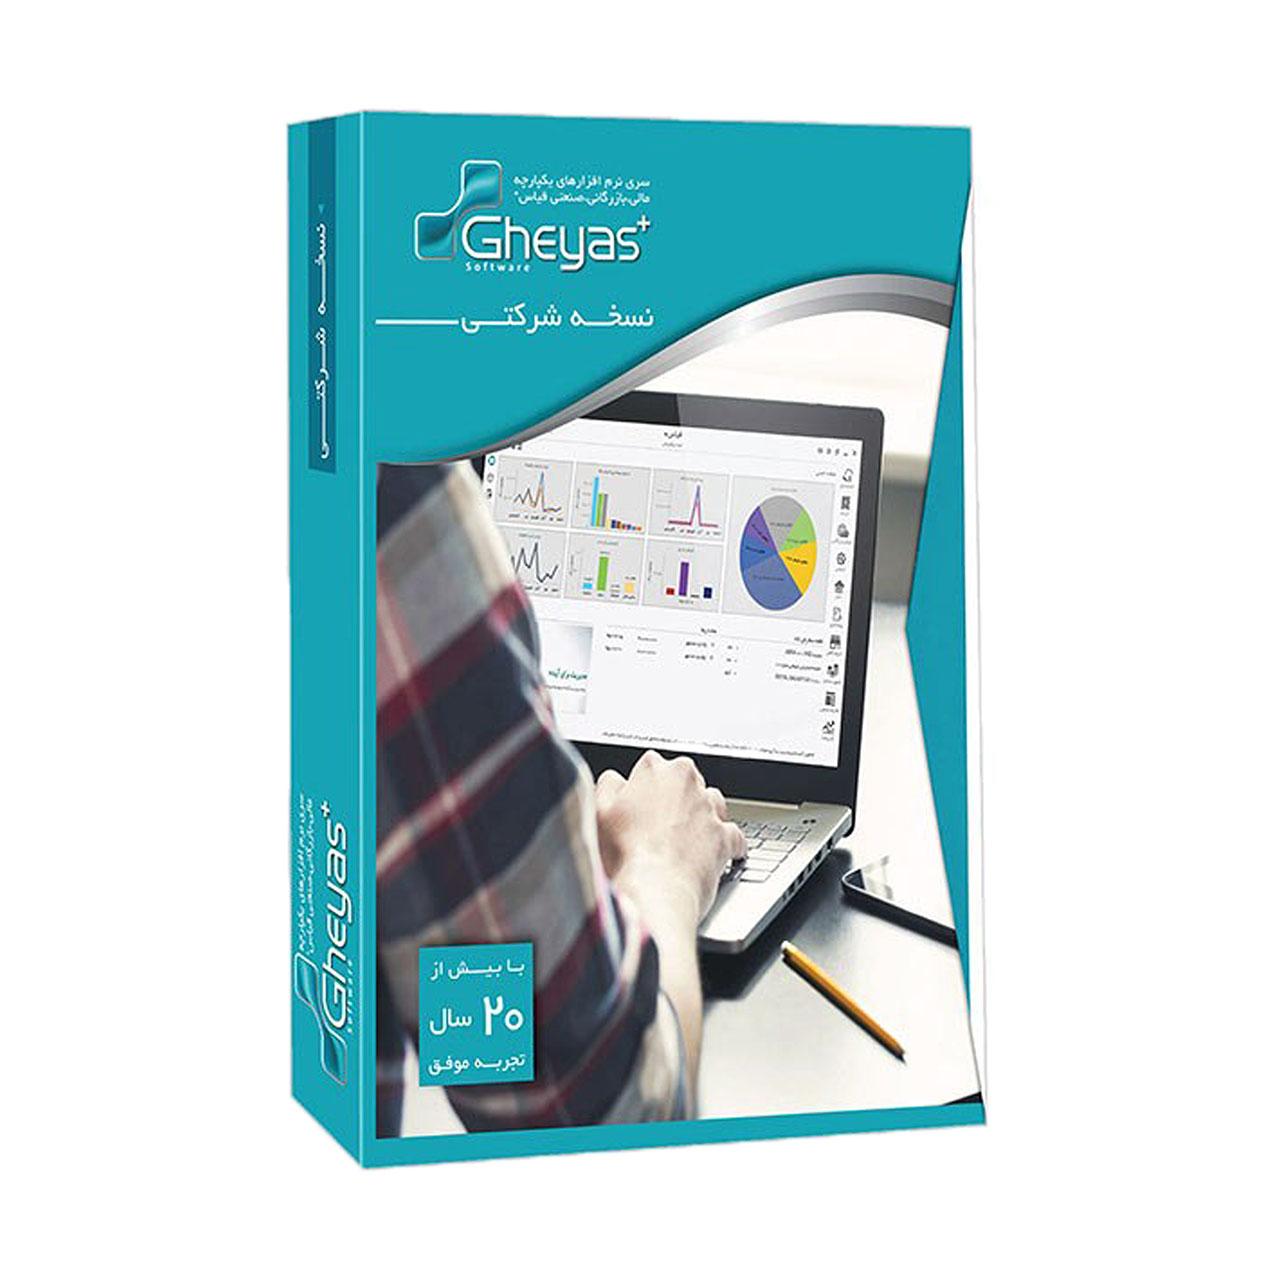 نرم افزار حسابداری شرکتی قیاس پلاس نسخه تولیدی